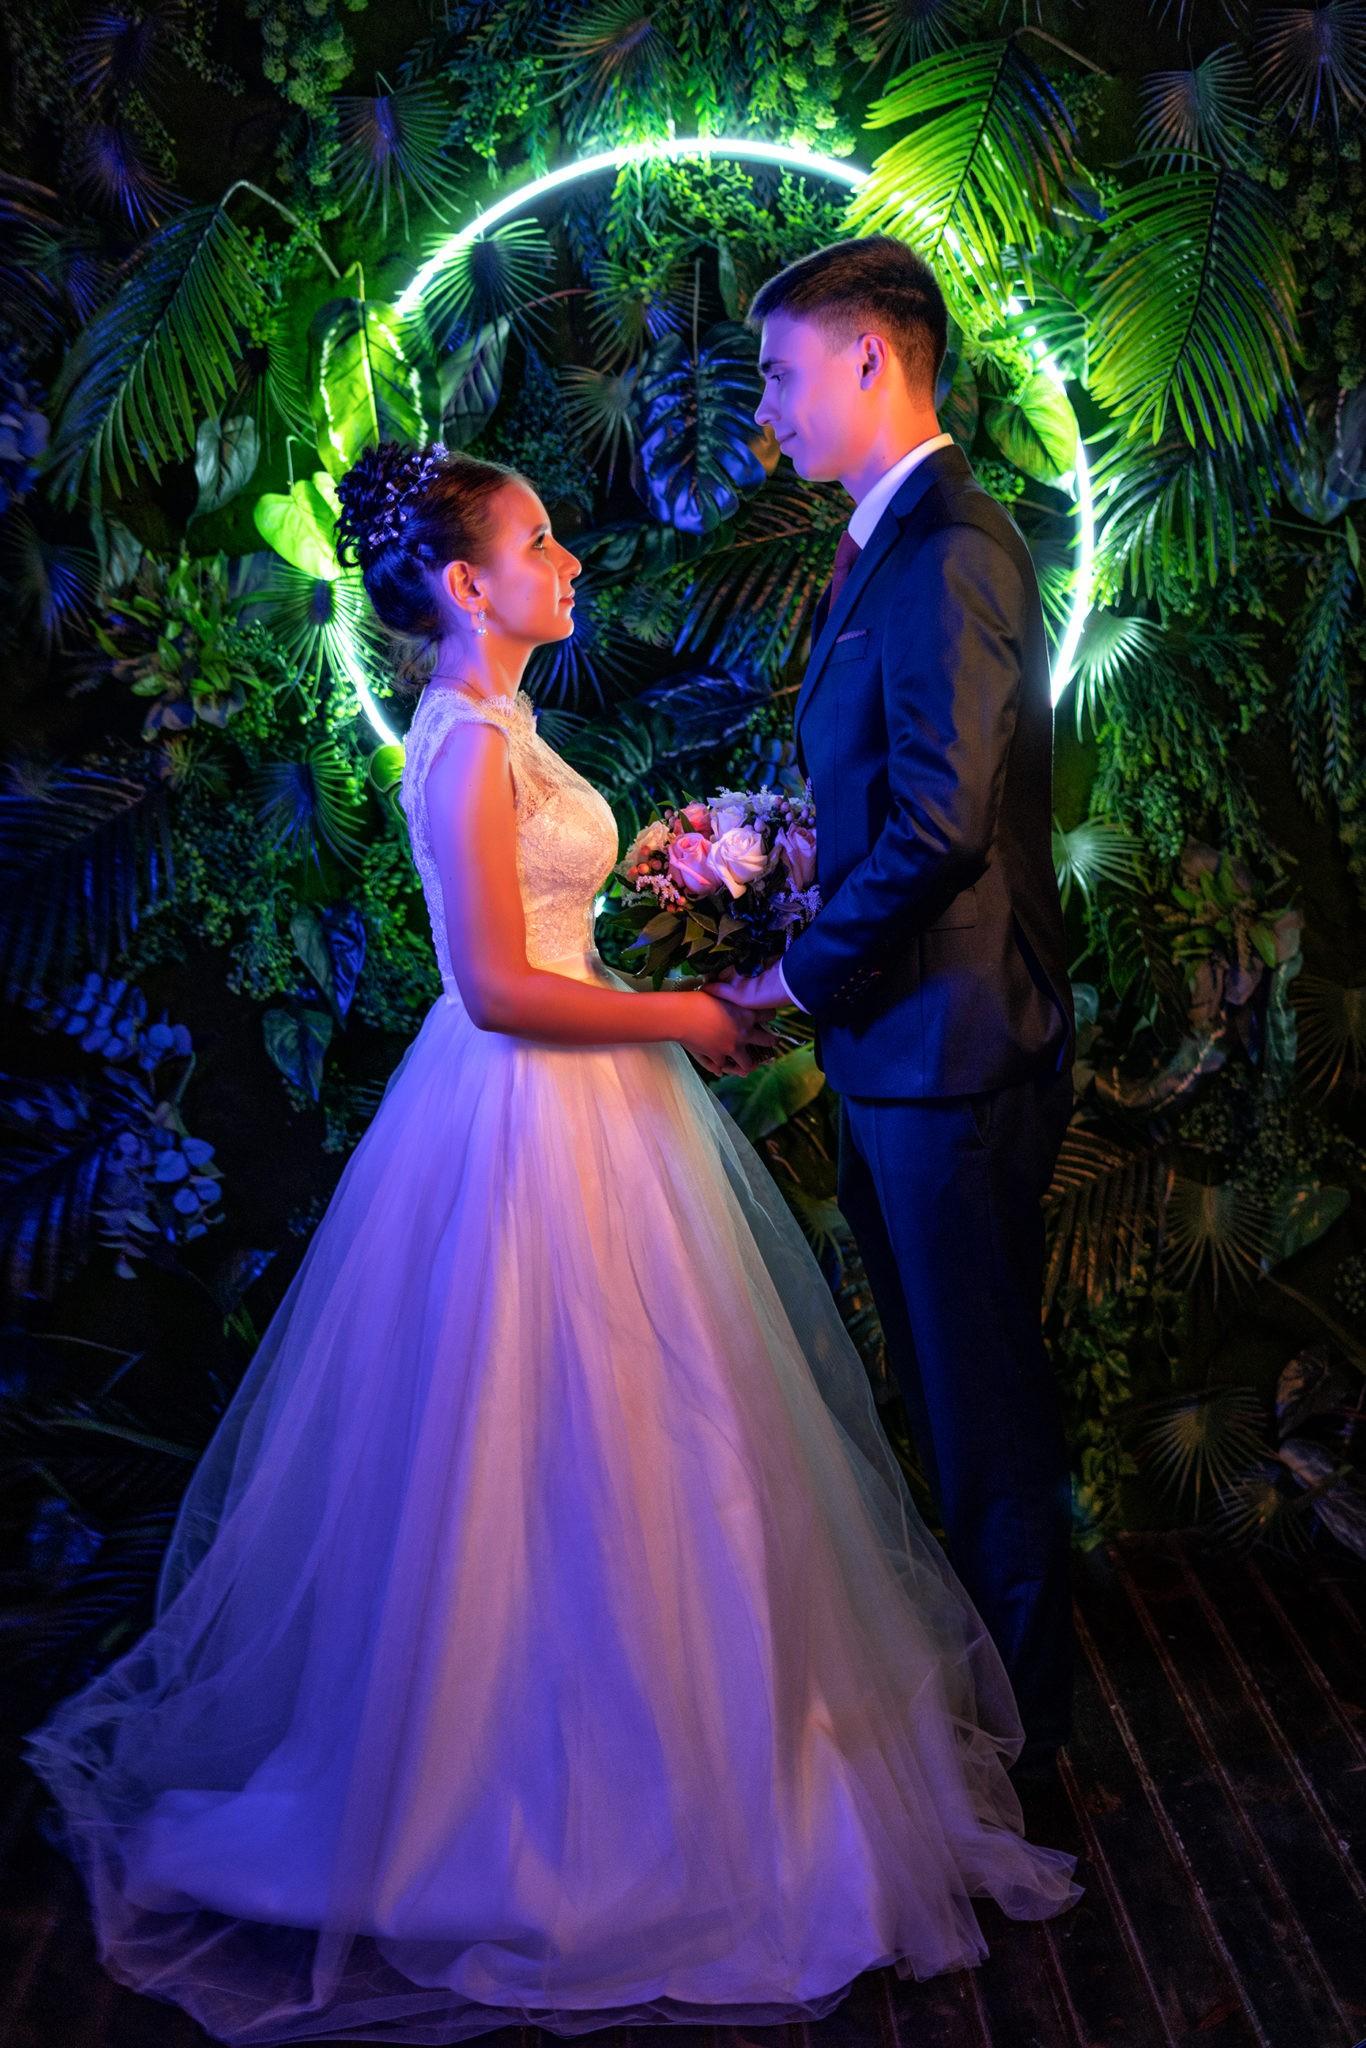 Свадебная съемка от Краснодарского свадебного фотографа в атмосферной, неоновой студии Краснодара